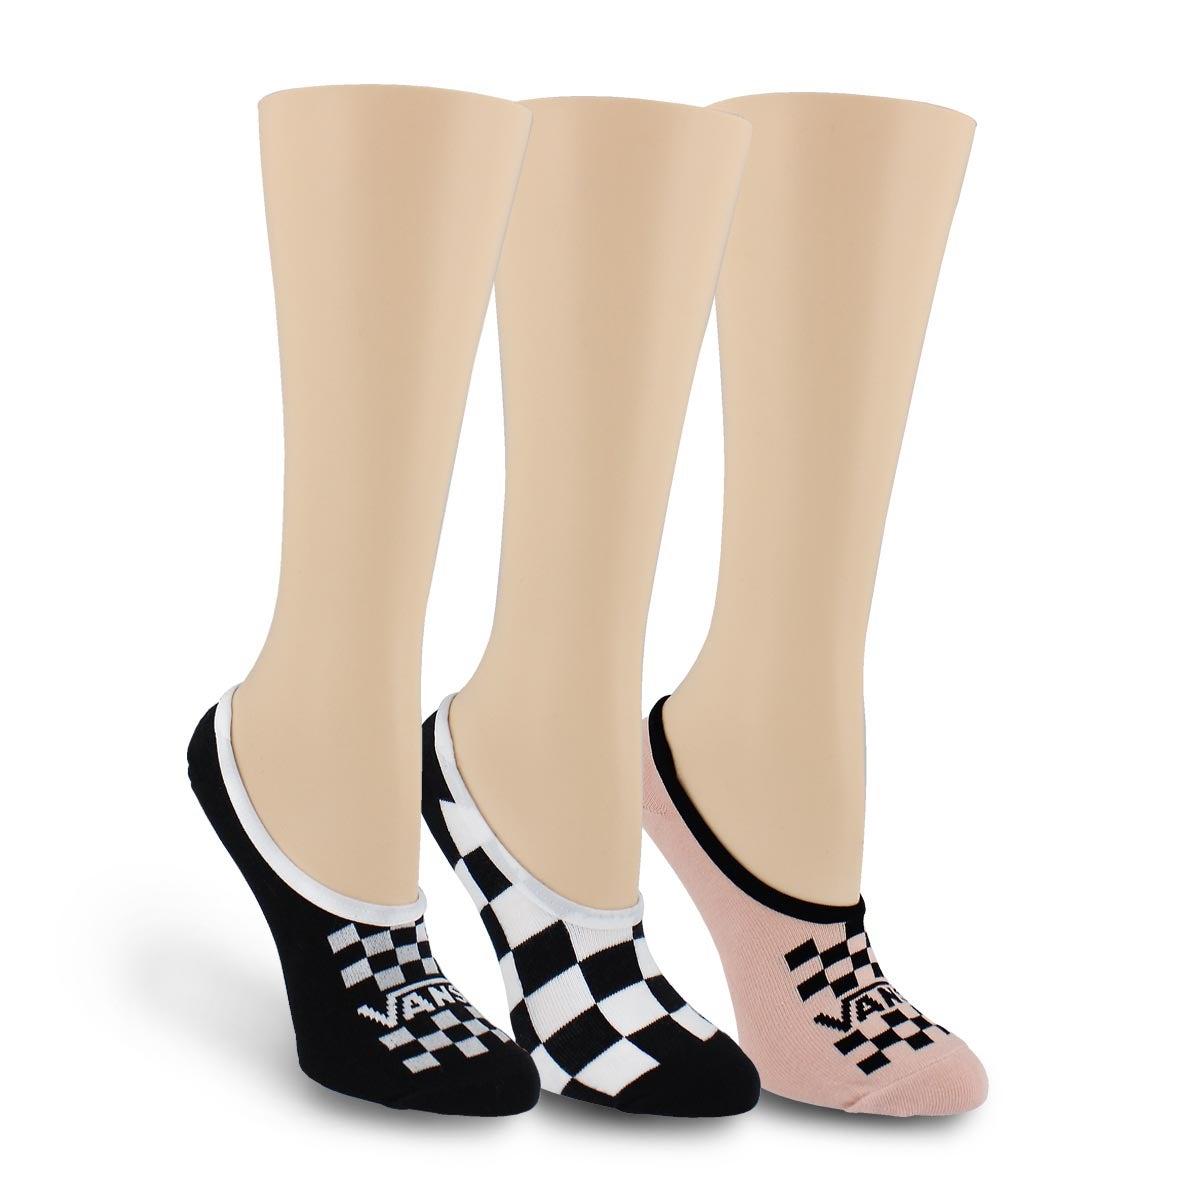 Lds BasicCanoodle bk/gy/pk ankle sock 3p